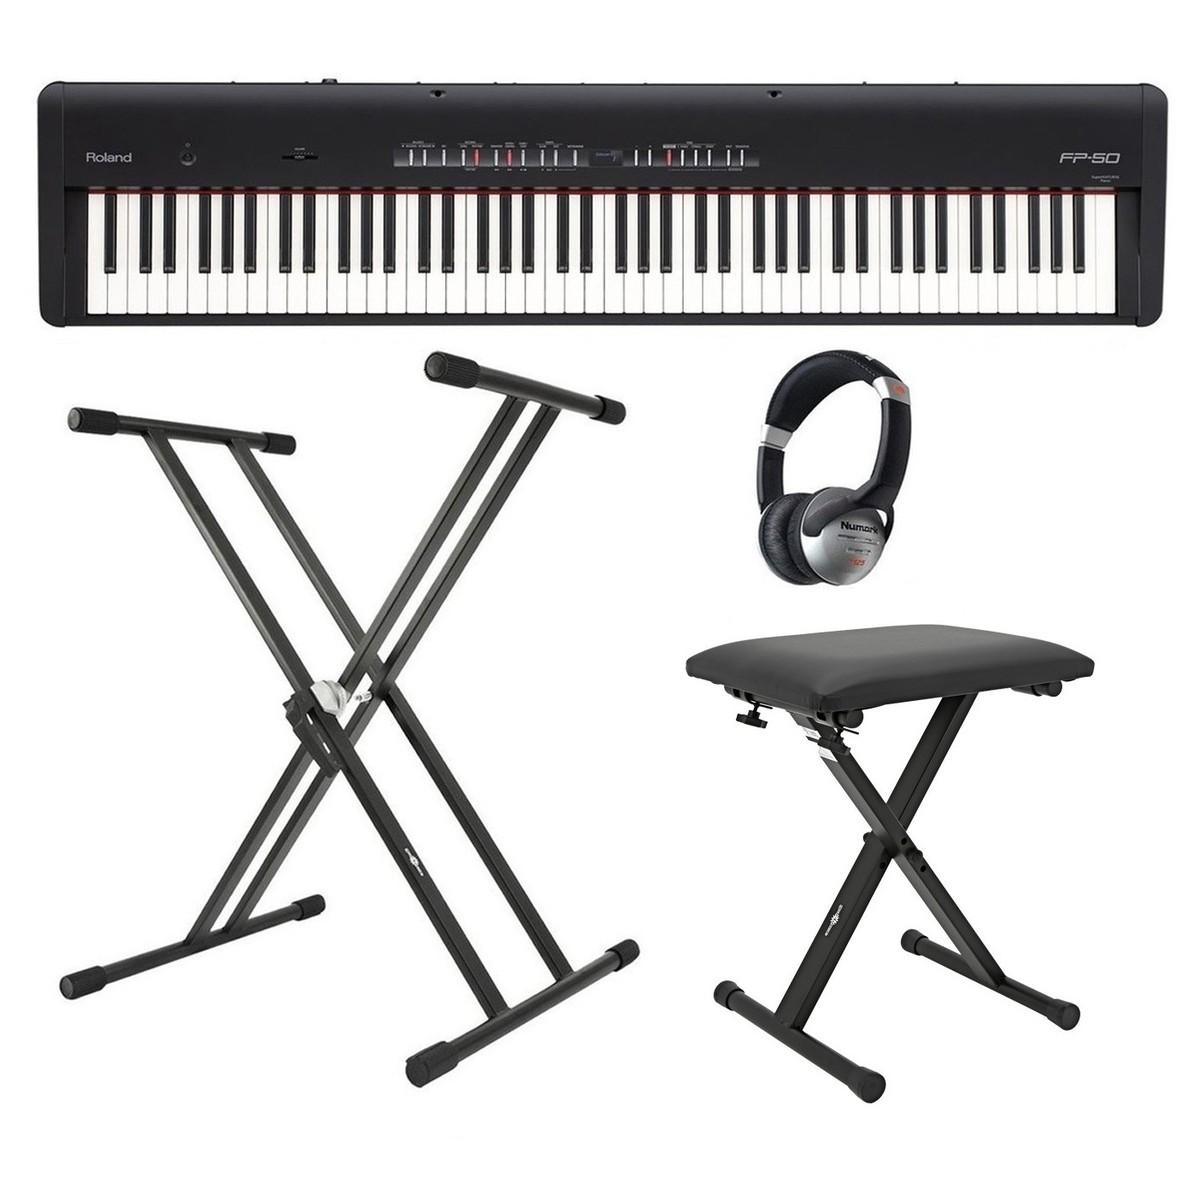 Roland FP 50 Digitalpiano mit Ständer, Hocker und Kopfhörer, schwarz ...